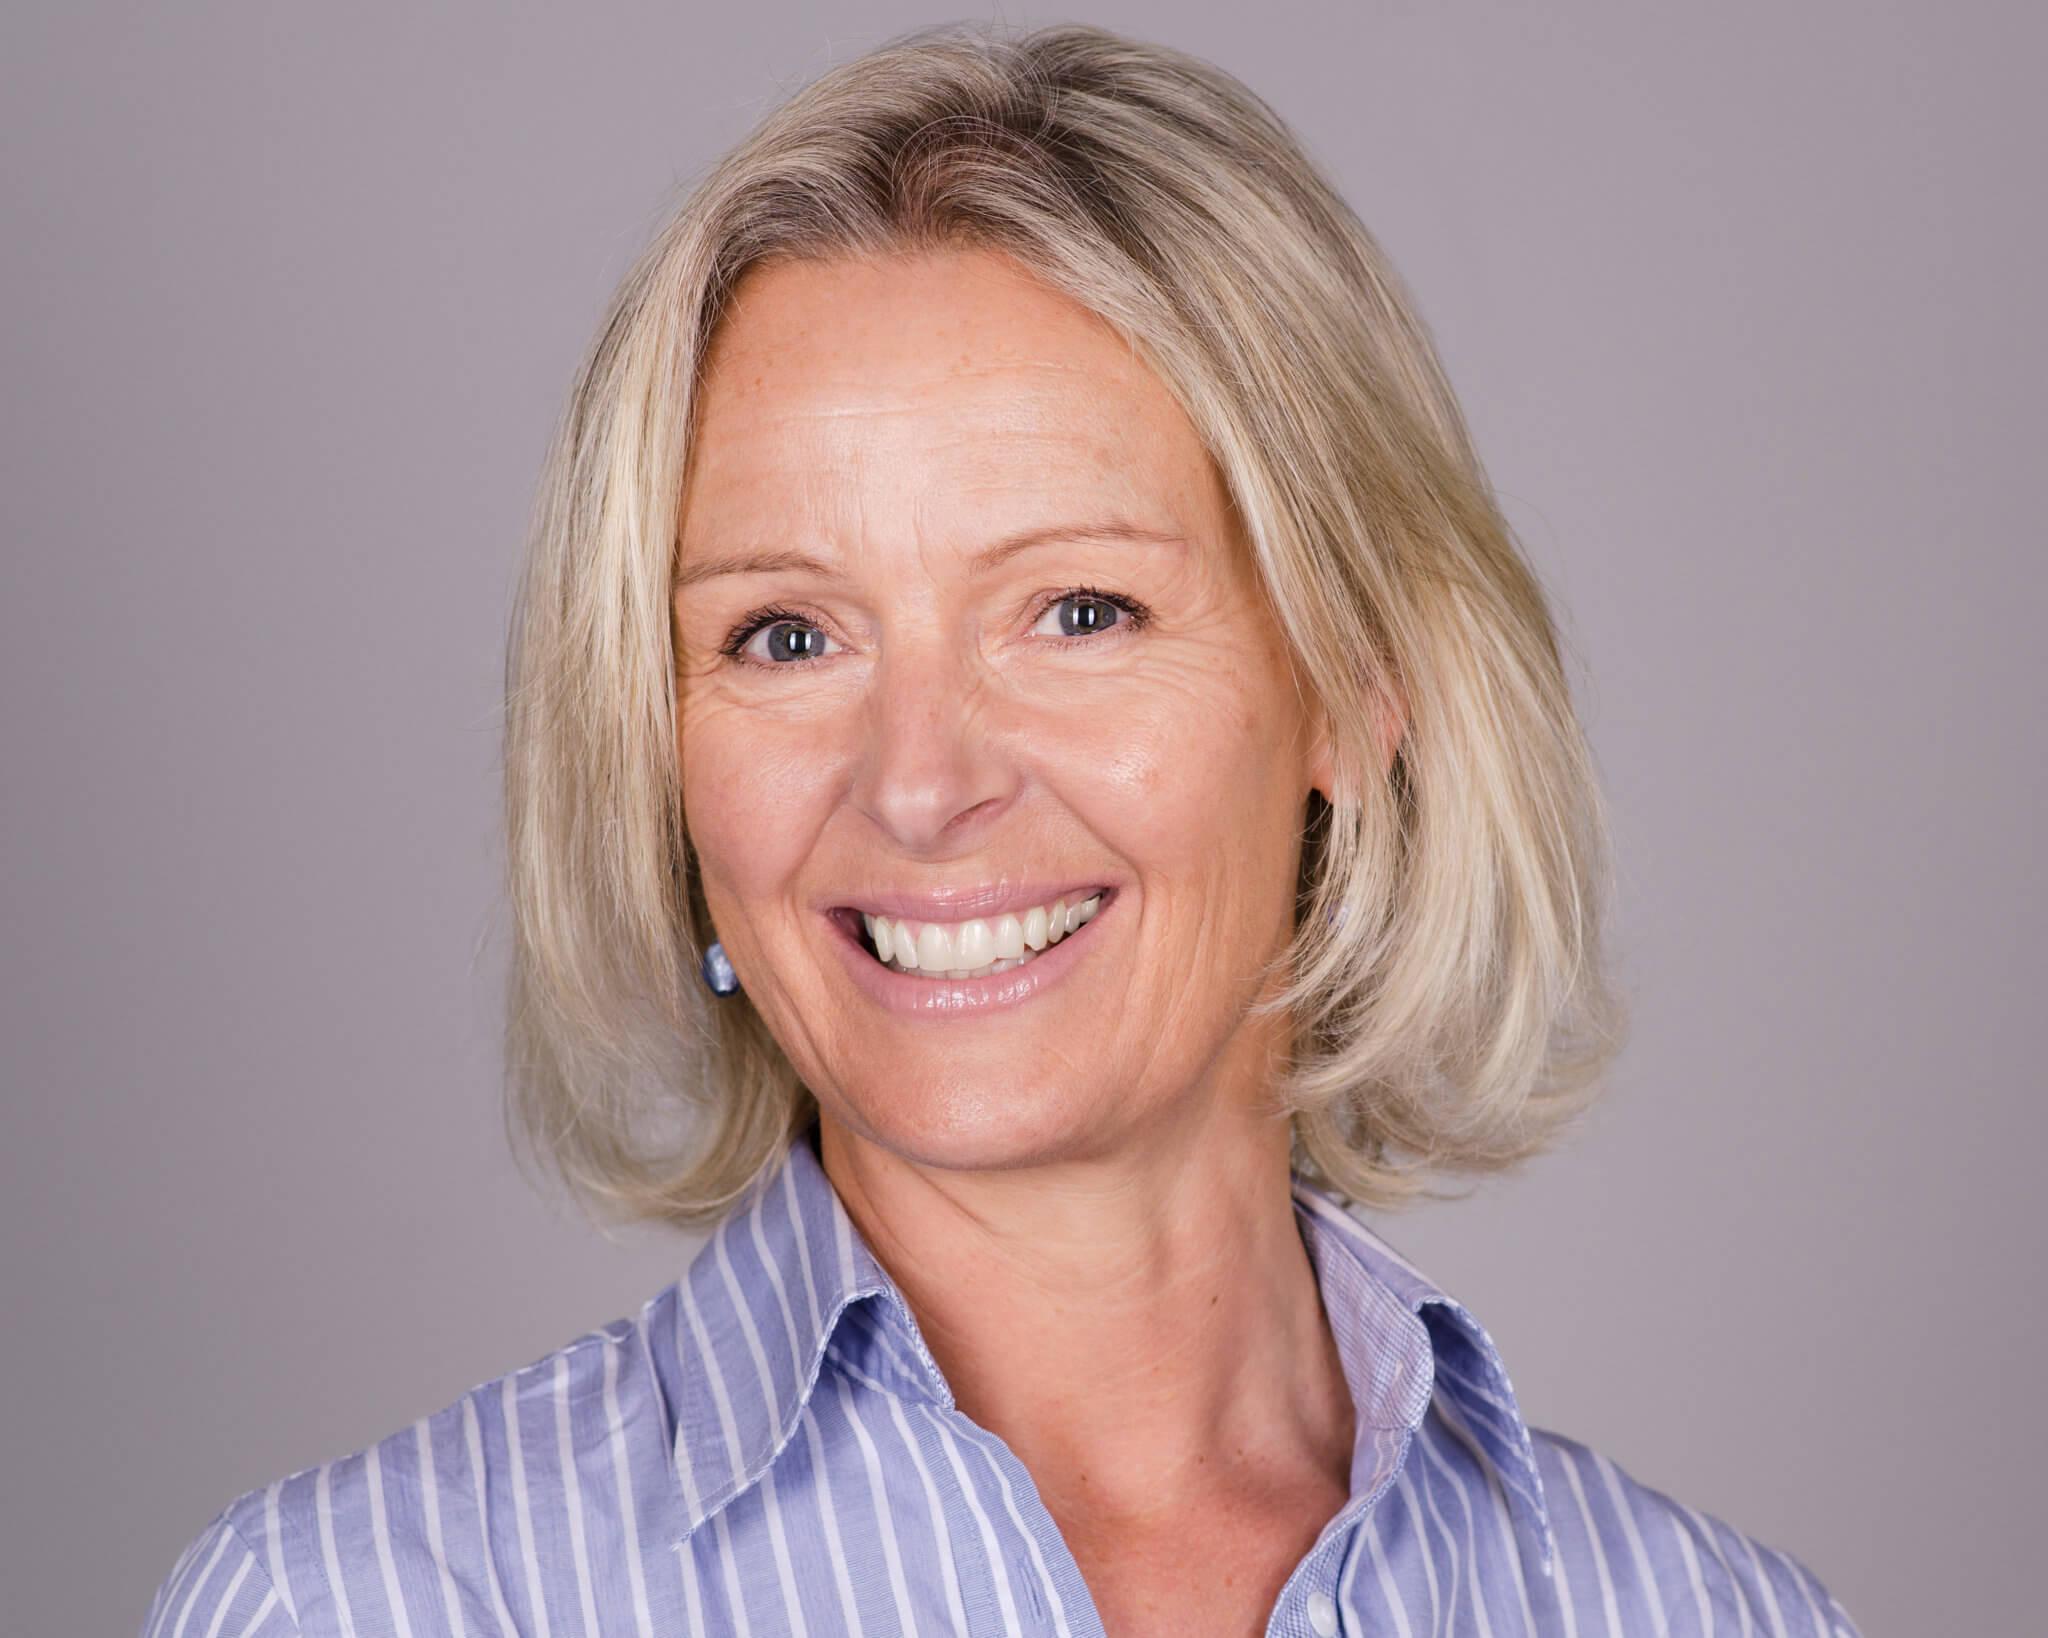 Cathy Amos